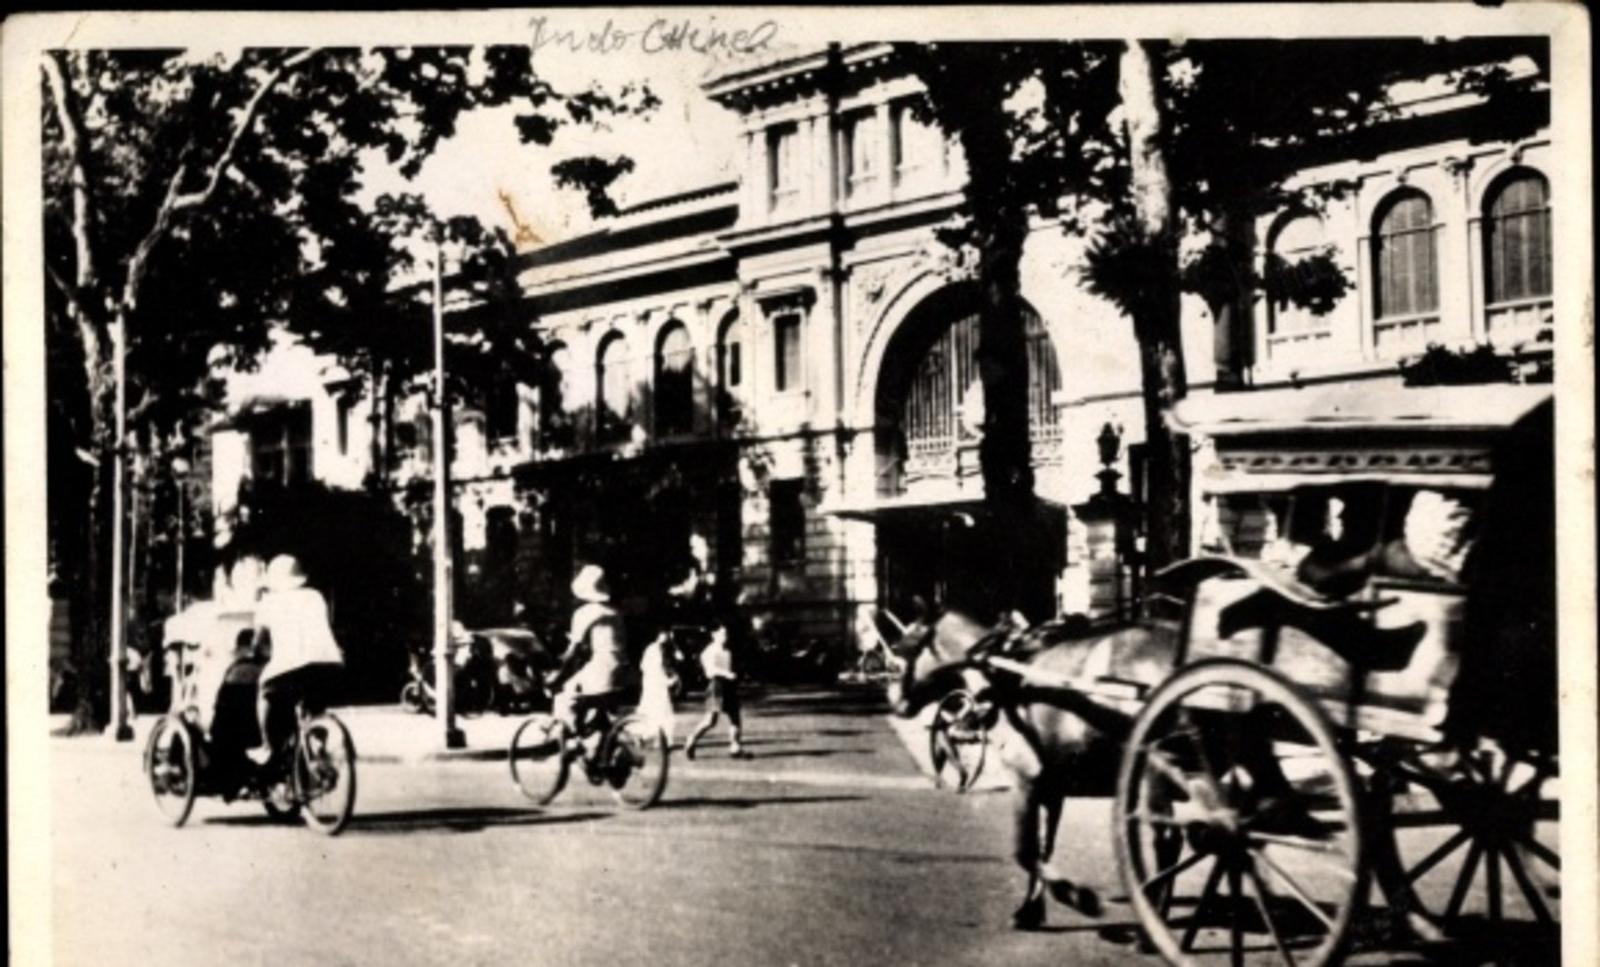 Hô Chi Minh-Ville -  Cp Saigon Cochinchine Vietnam, L'Hôtel des Postes